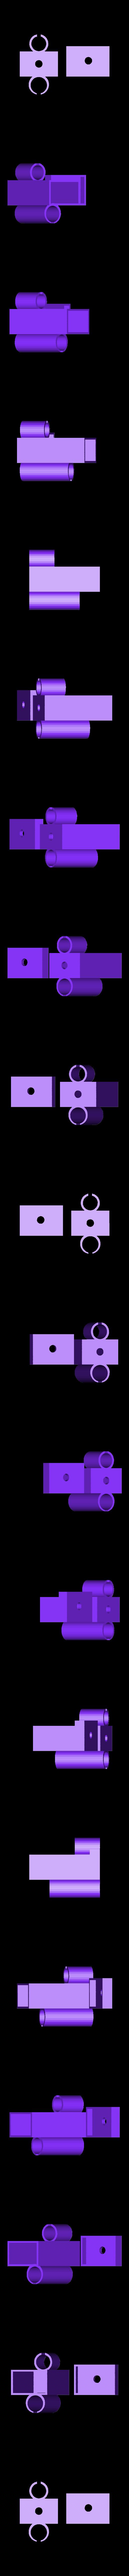 9v_box3.stl Télécharger fichier STL gratuit Tree Topper - Étoile de David illuminée • Objet pour impression 3D, Cilshell